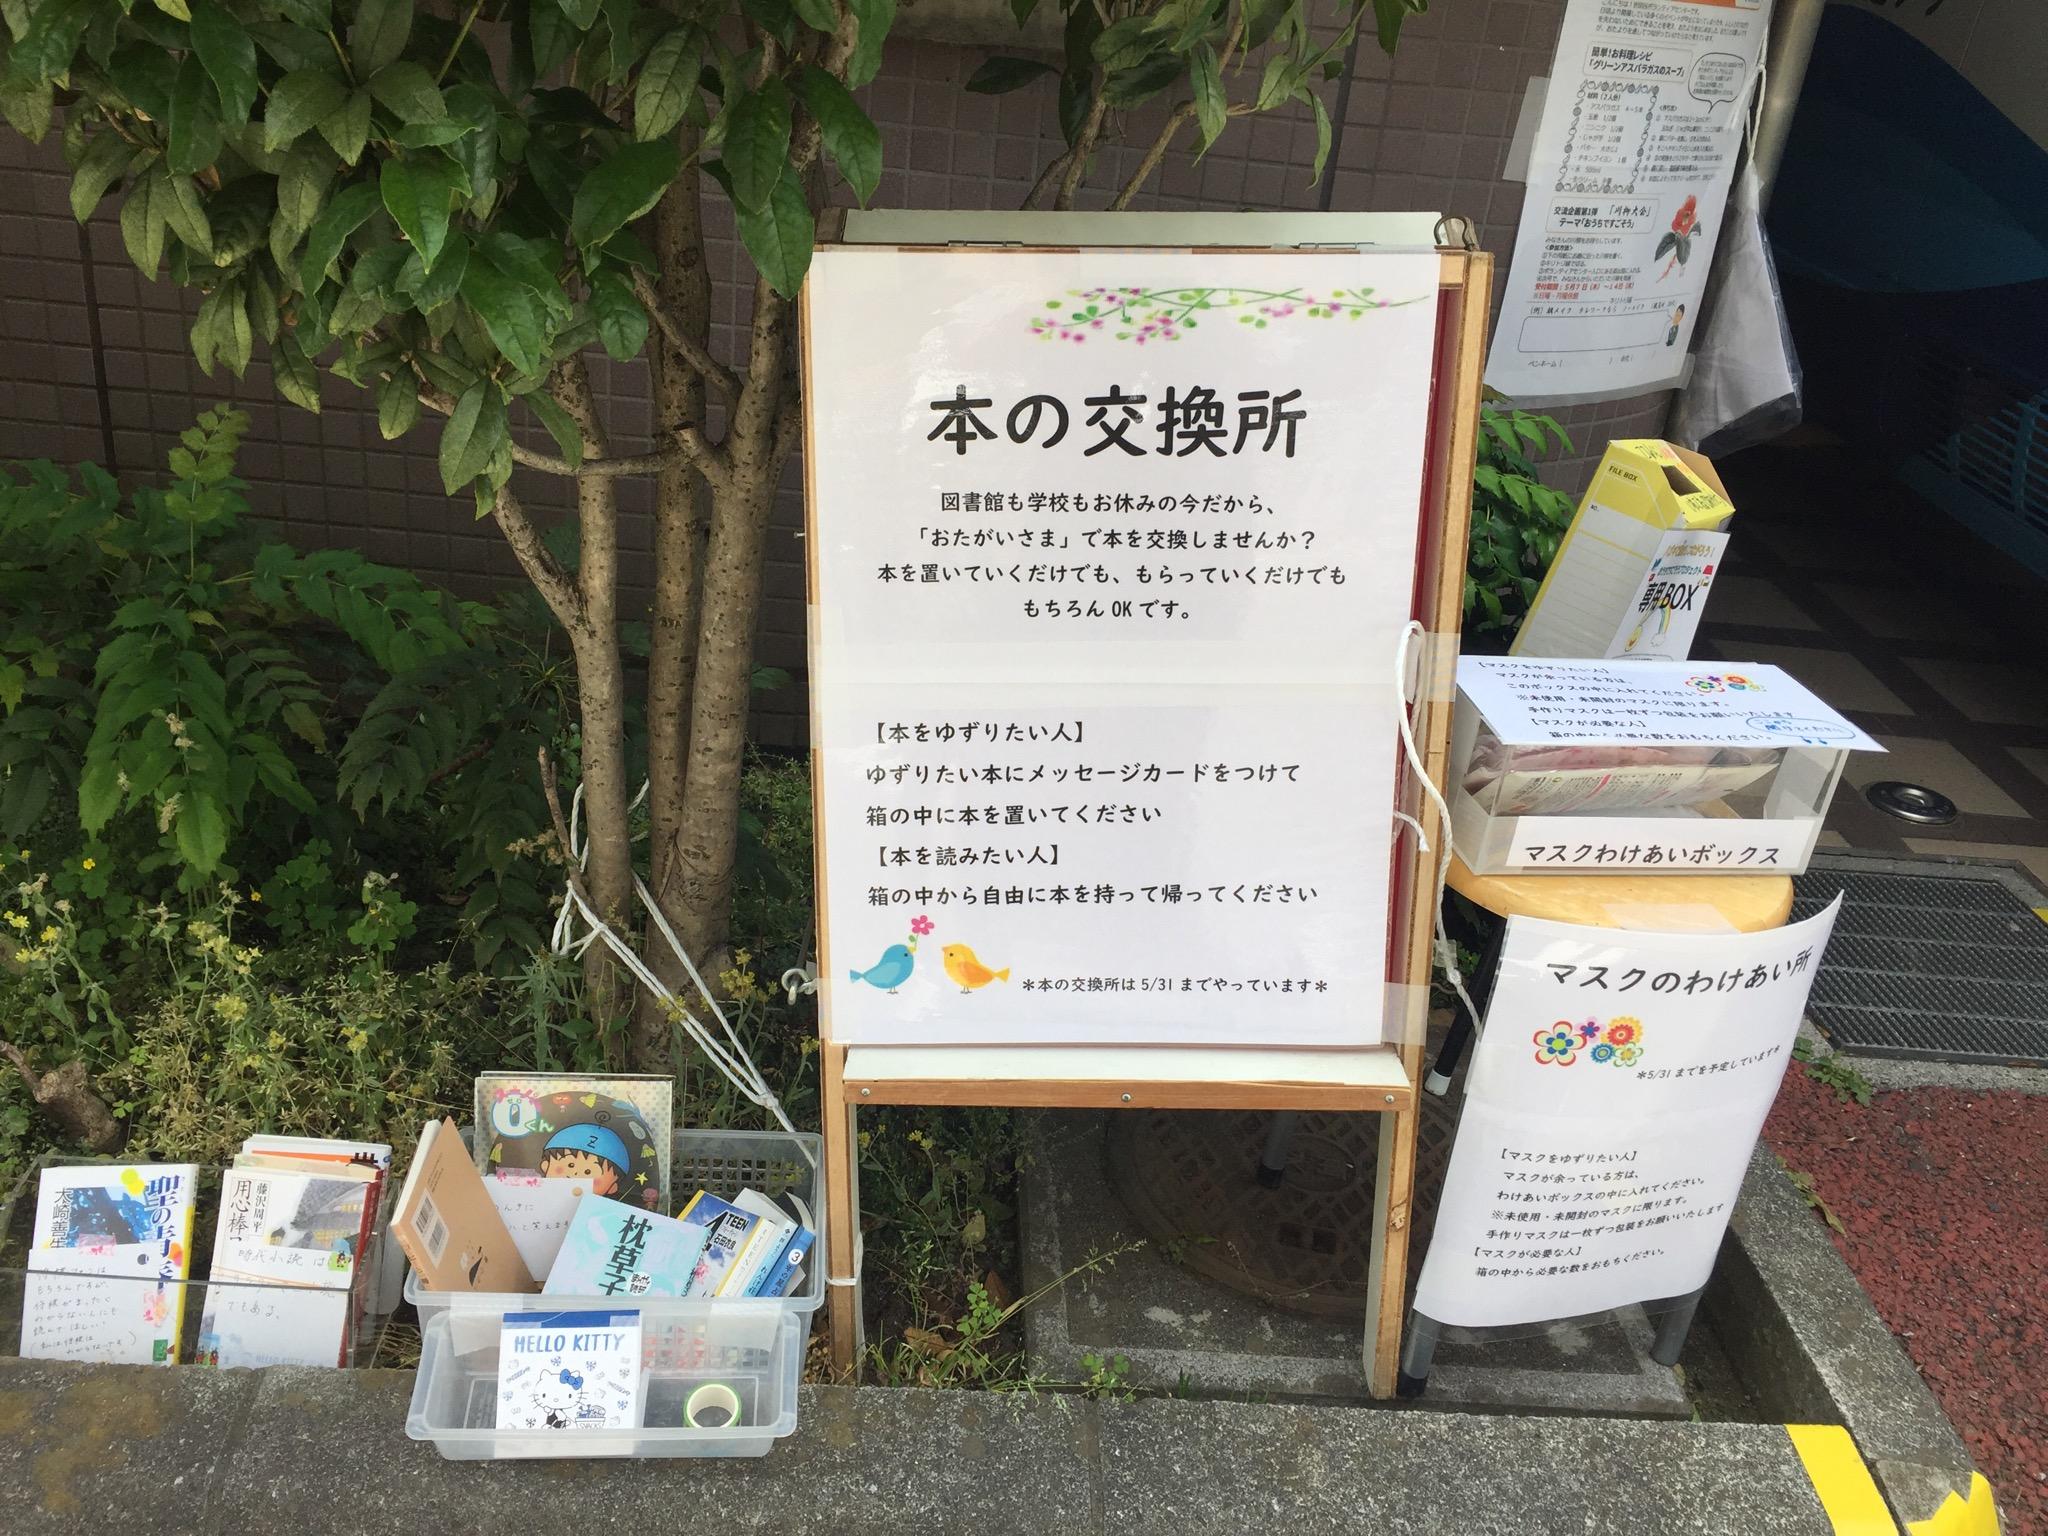 社会福祉法人 世田谷ボランティア協会 » Blog Archive » (終了しま ...